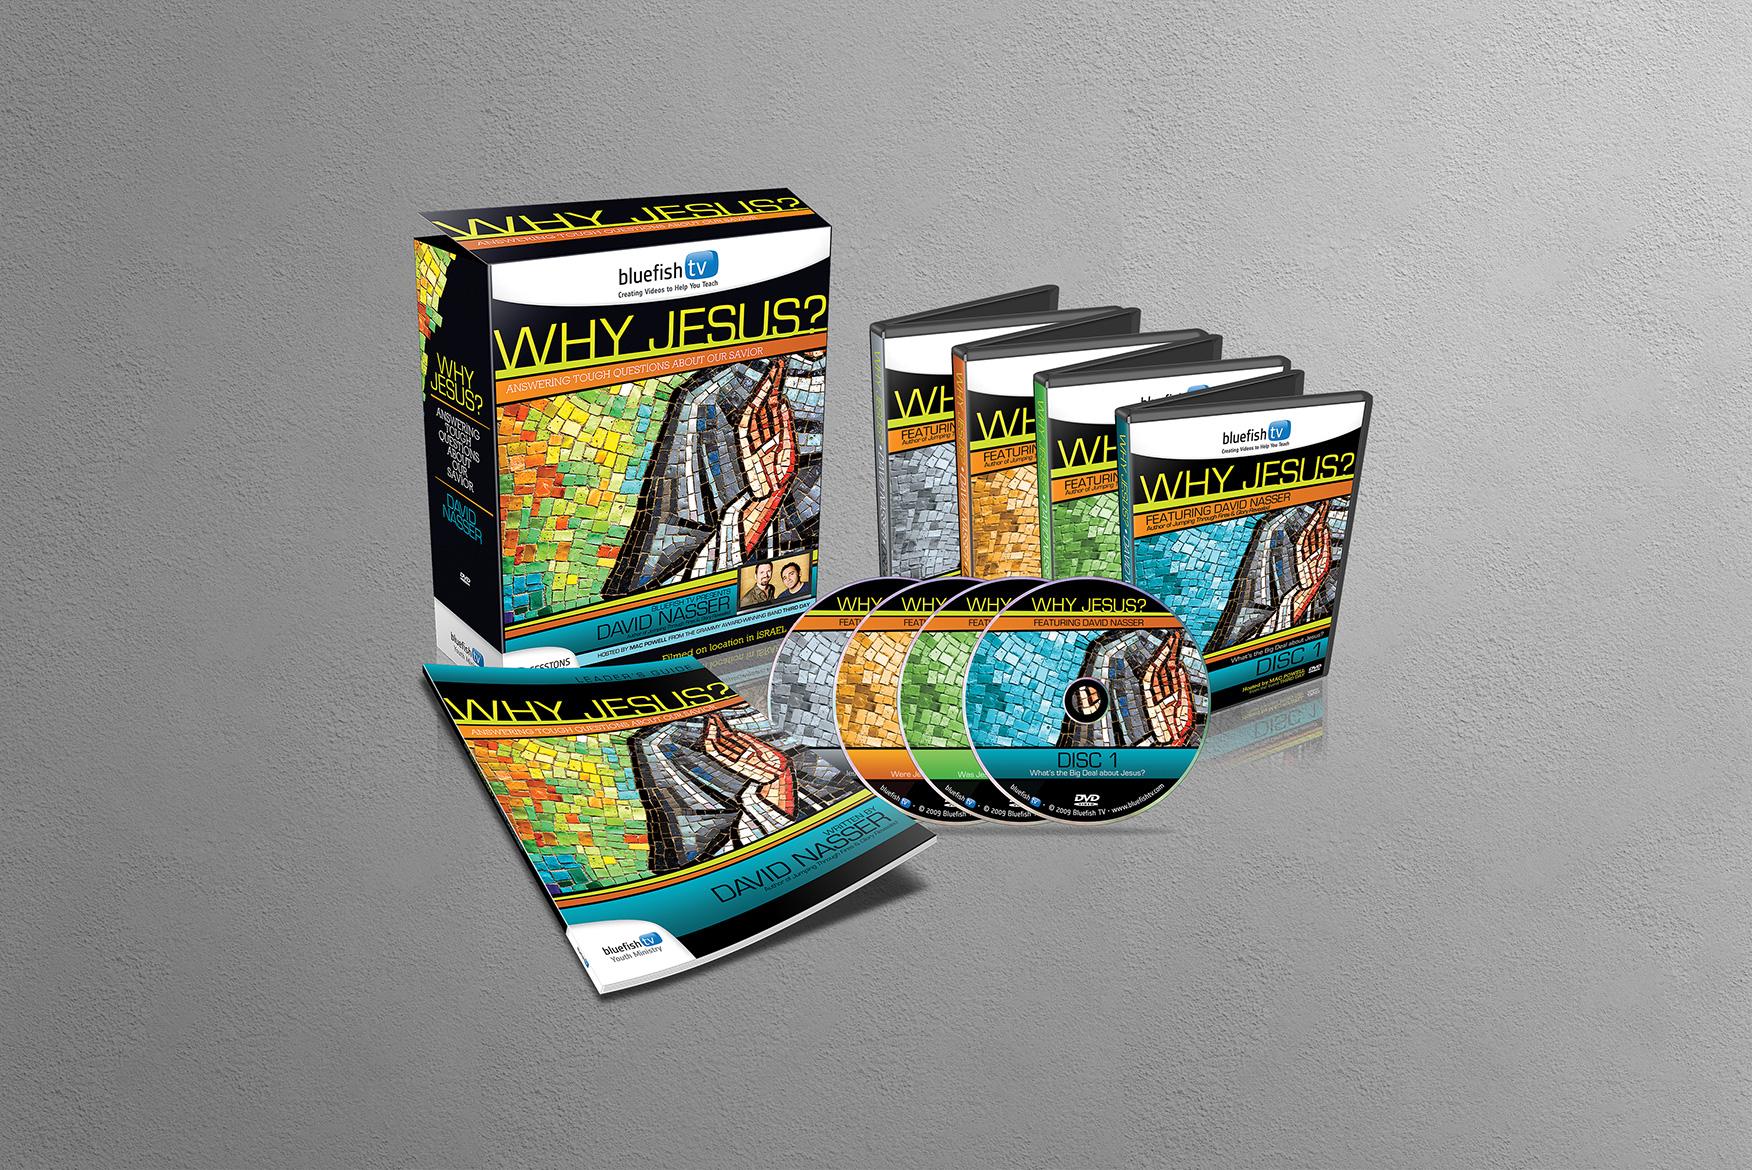 BluefishTV Packaging Design